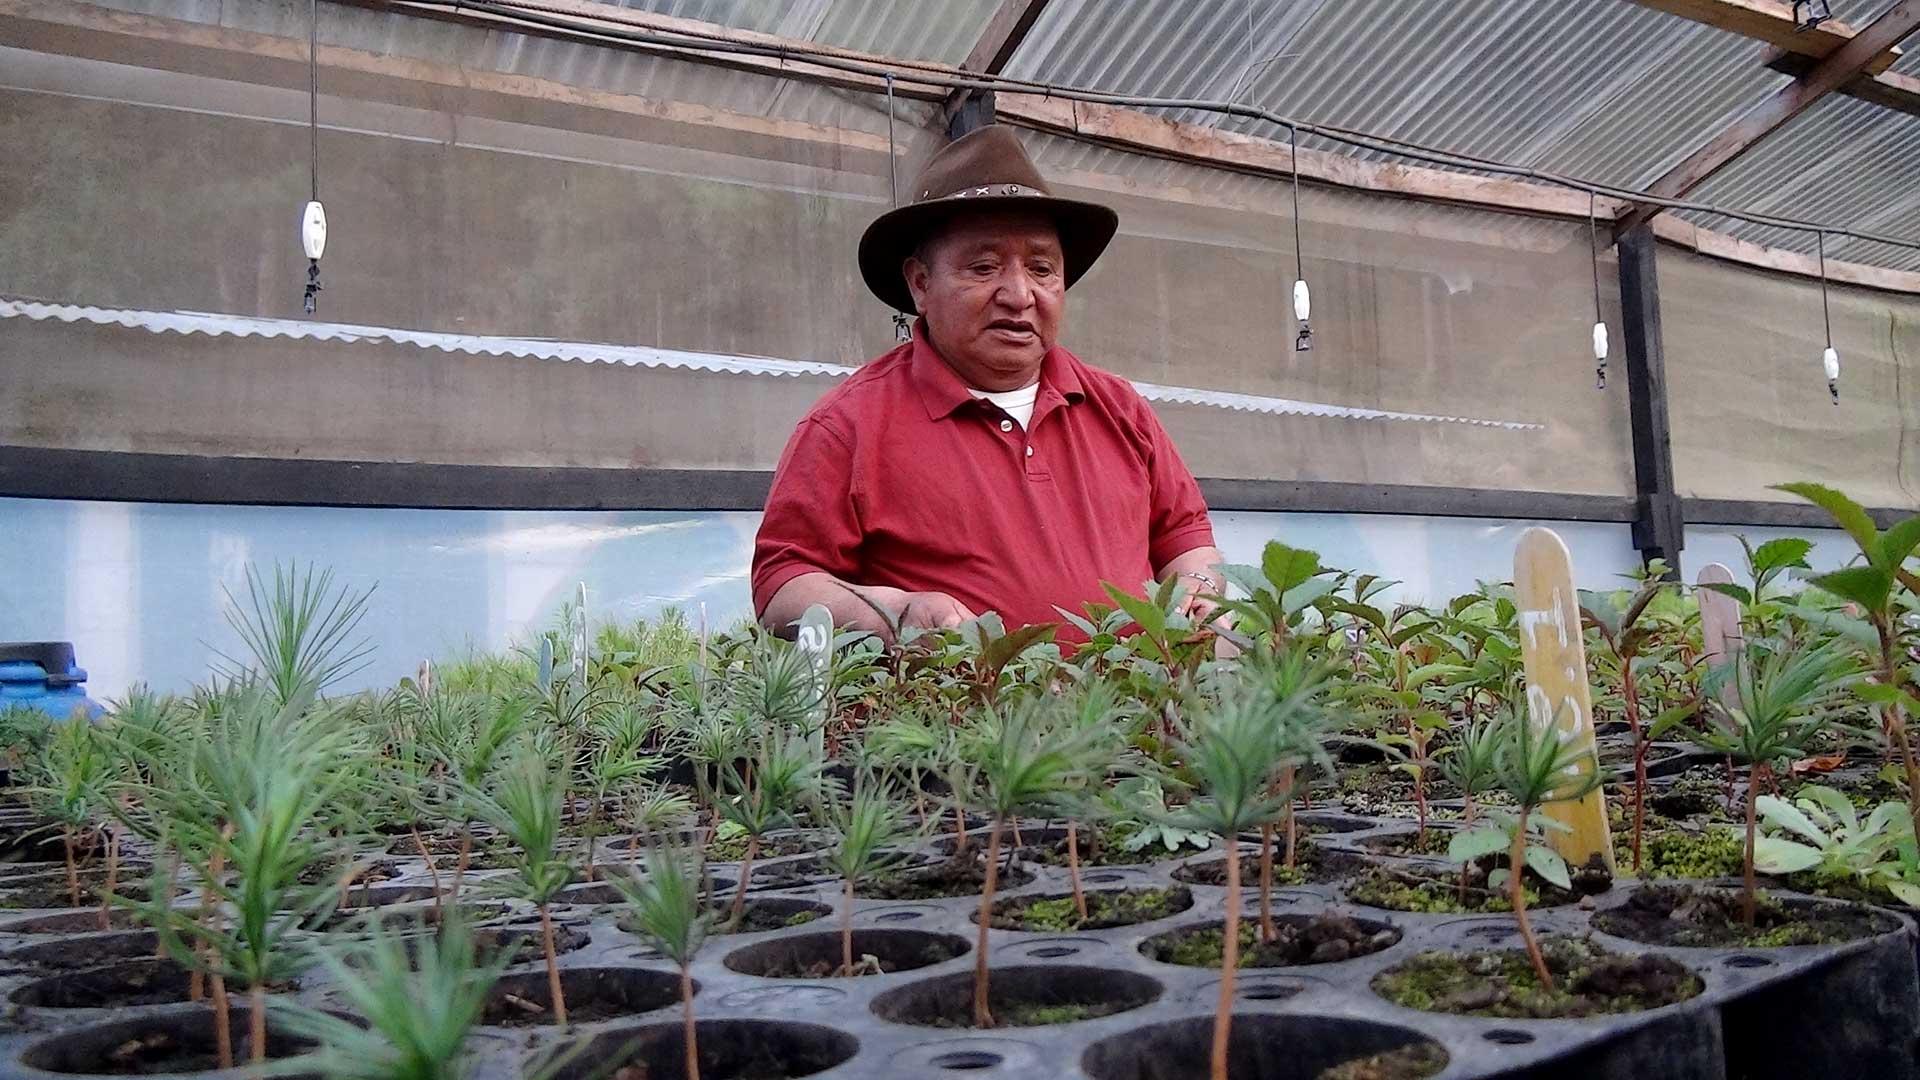 Foto de indígena frente a cultivos de árboles